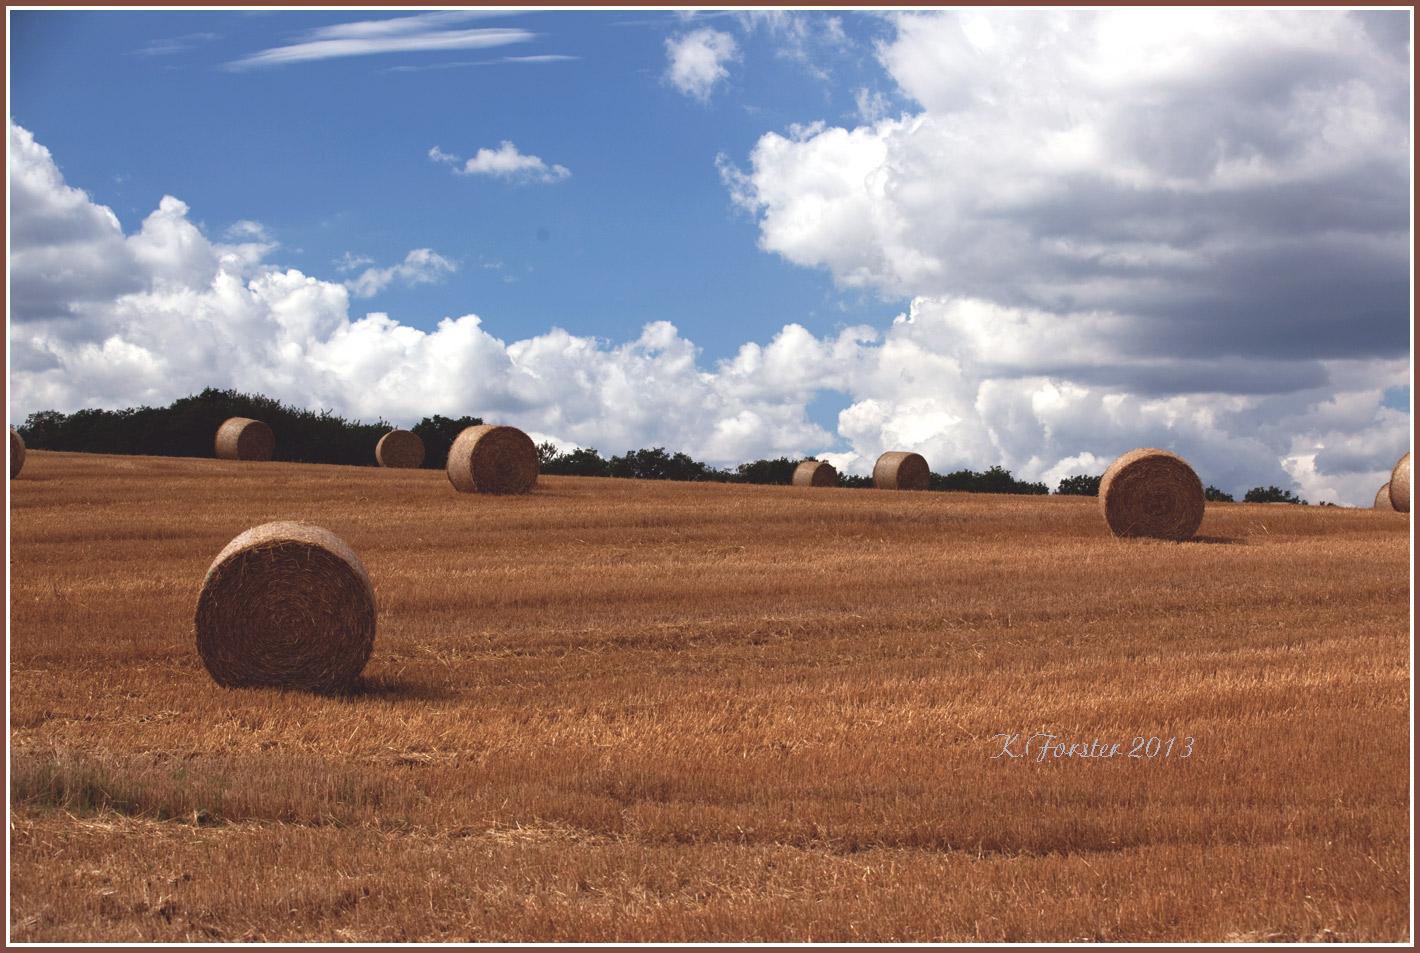 Der Sommer ist vorbei der Herbst - Wolkenstimmung mit den Strohballen.